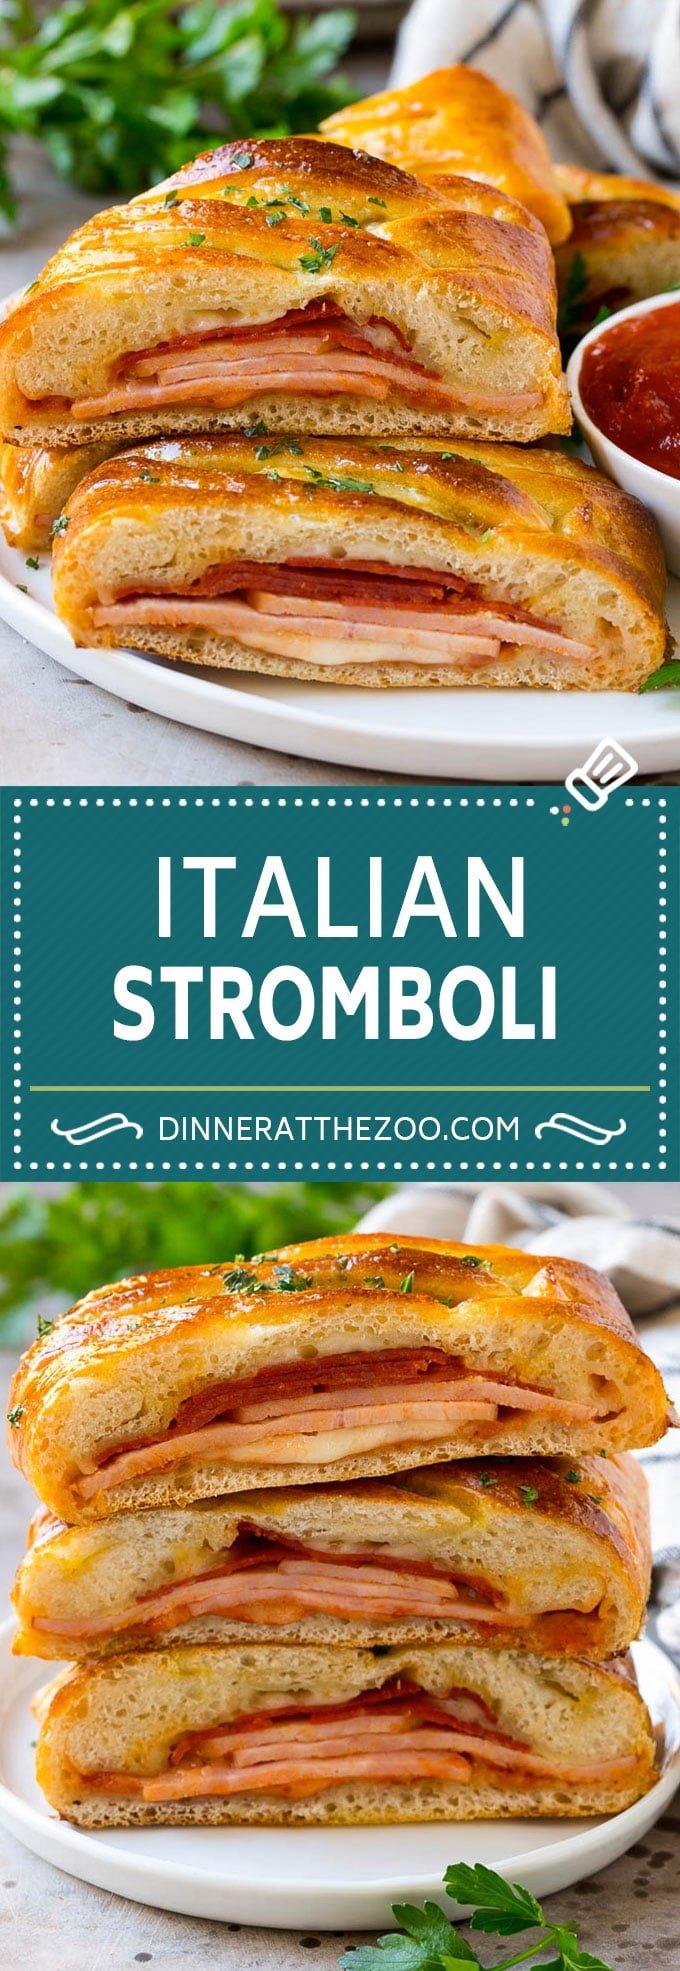 Stromboli Recipe   Italian Stromboli #pepperoni #cheese #ham #dinner #dinneratthezoo